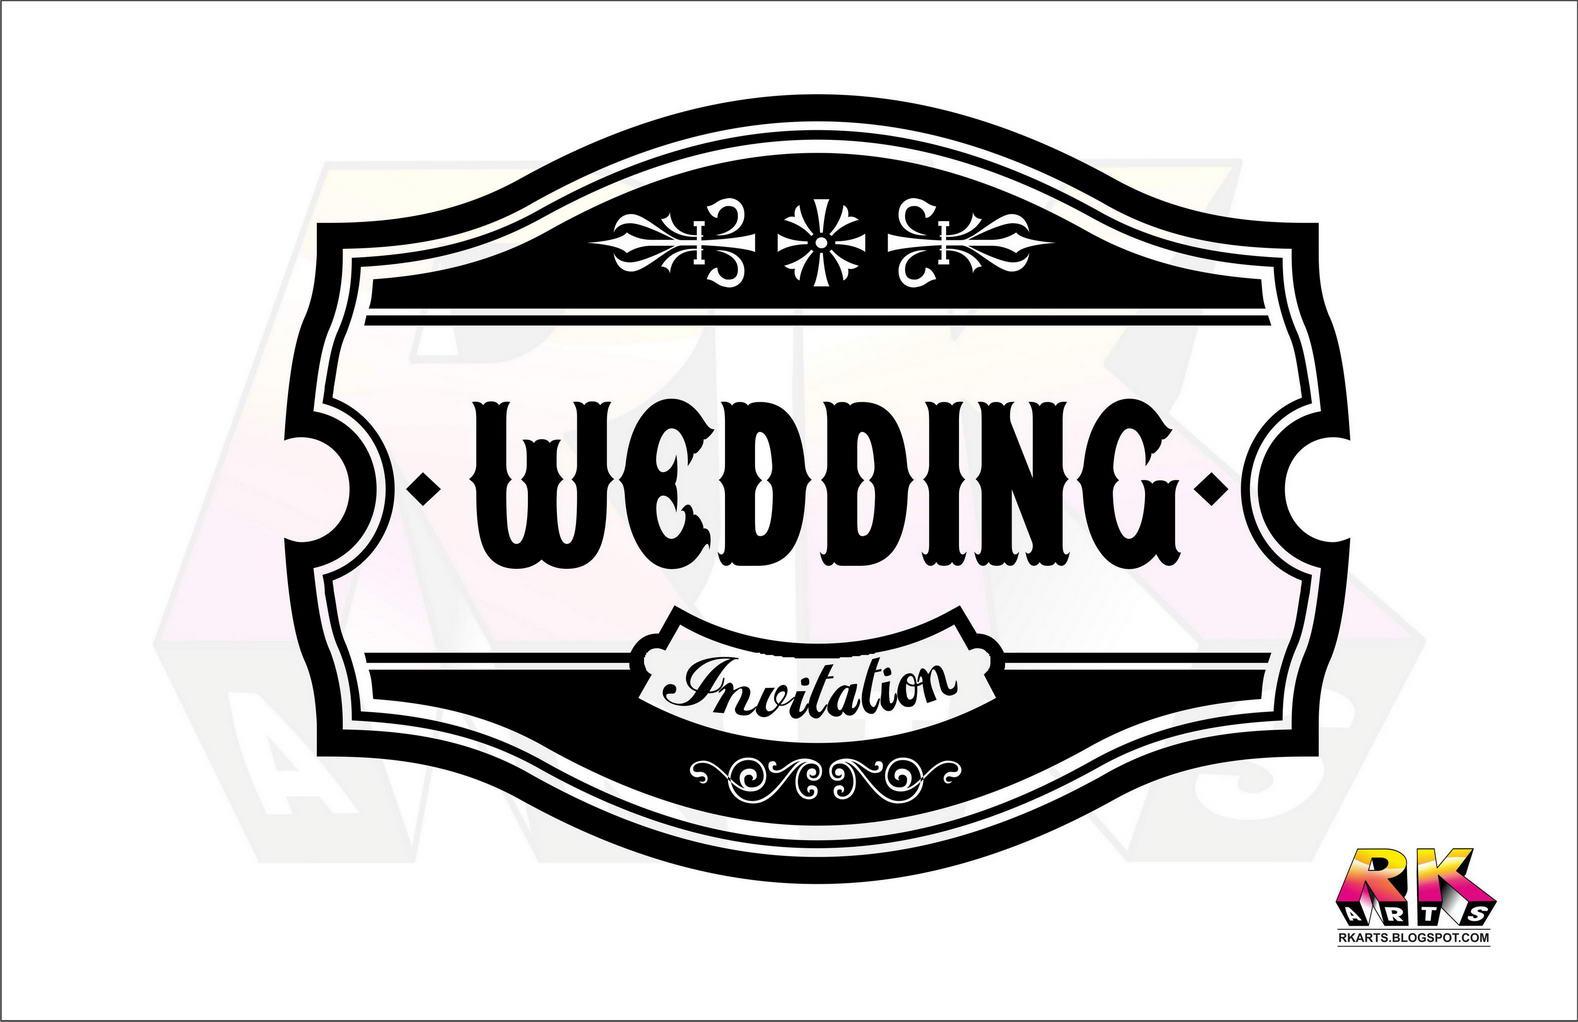 Wedding Invitation Title Label Design With Decorative Ornament